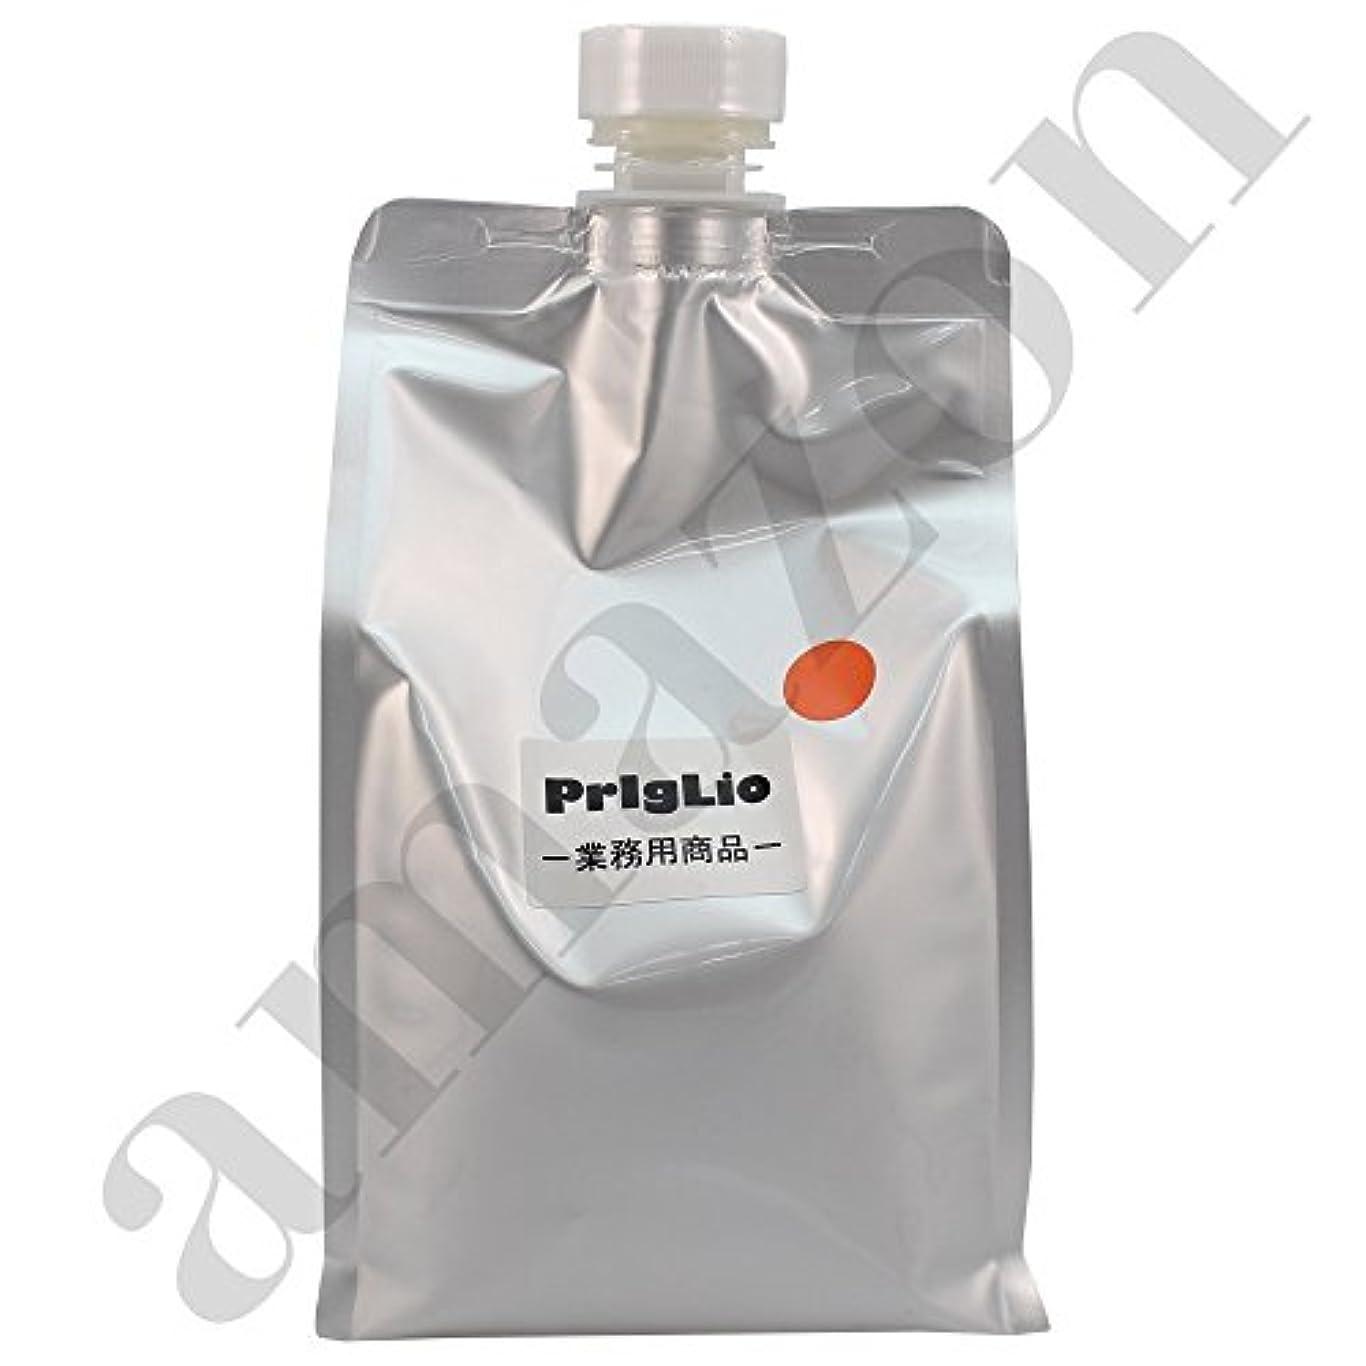 限り広告パントリーPrigLio(プリグリオ) D オレンジシャンプー 900ml